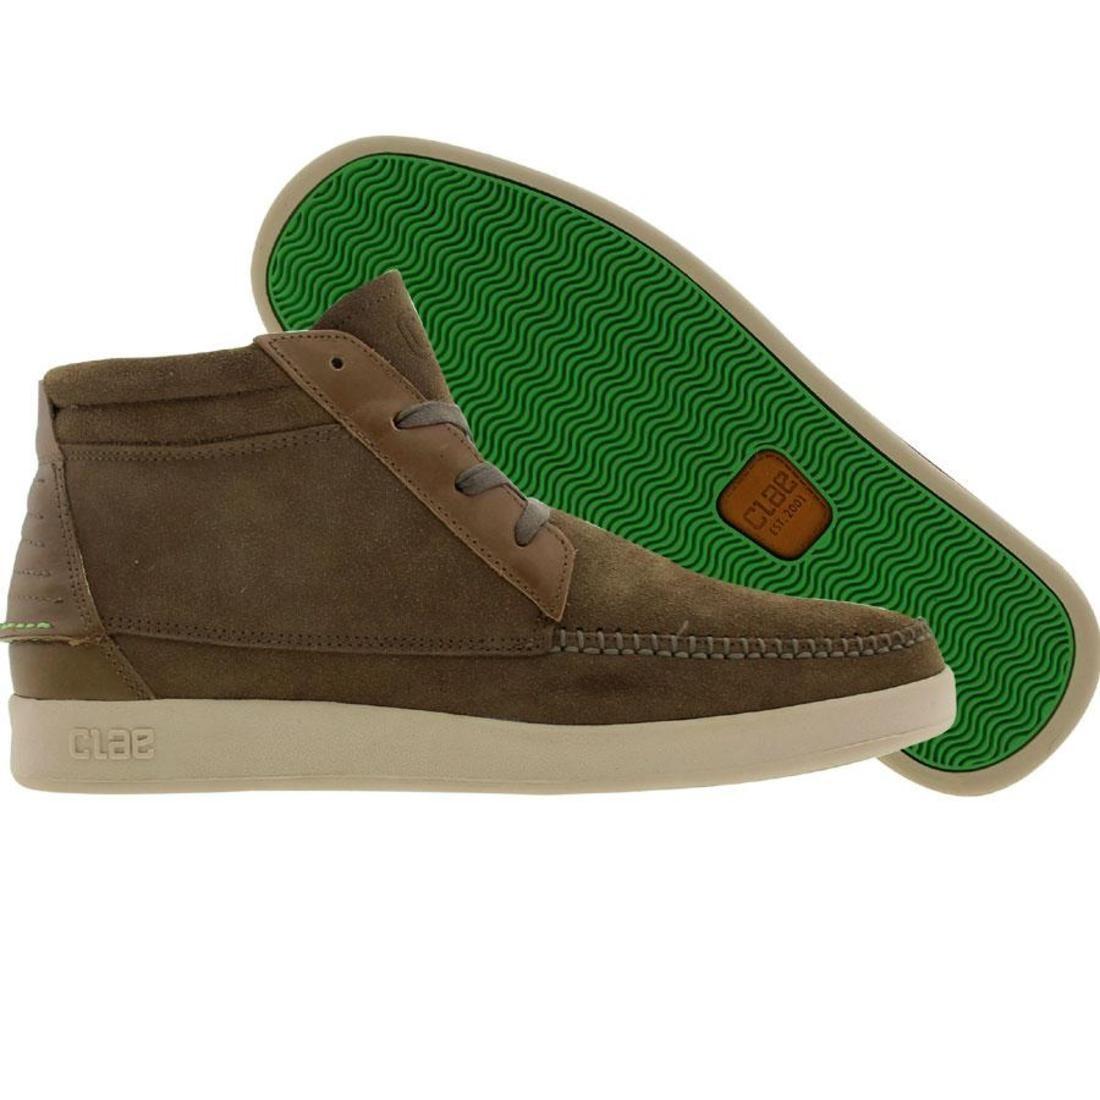 【海外限定】ハイ メンズ靴 靴 【 CLAE ROMARE HIGH LICHEN 】